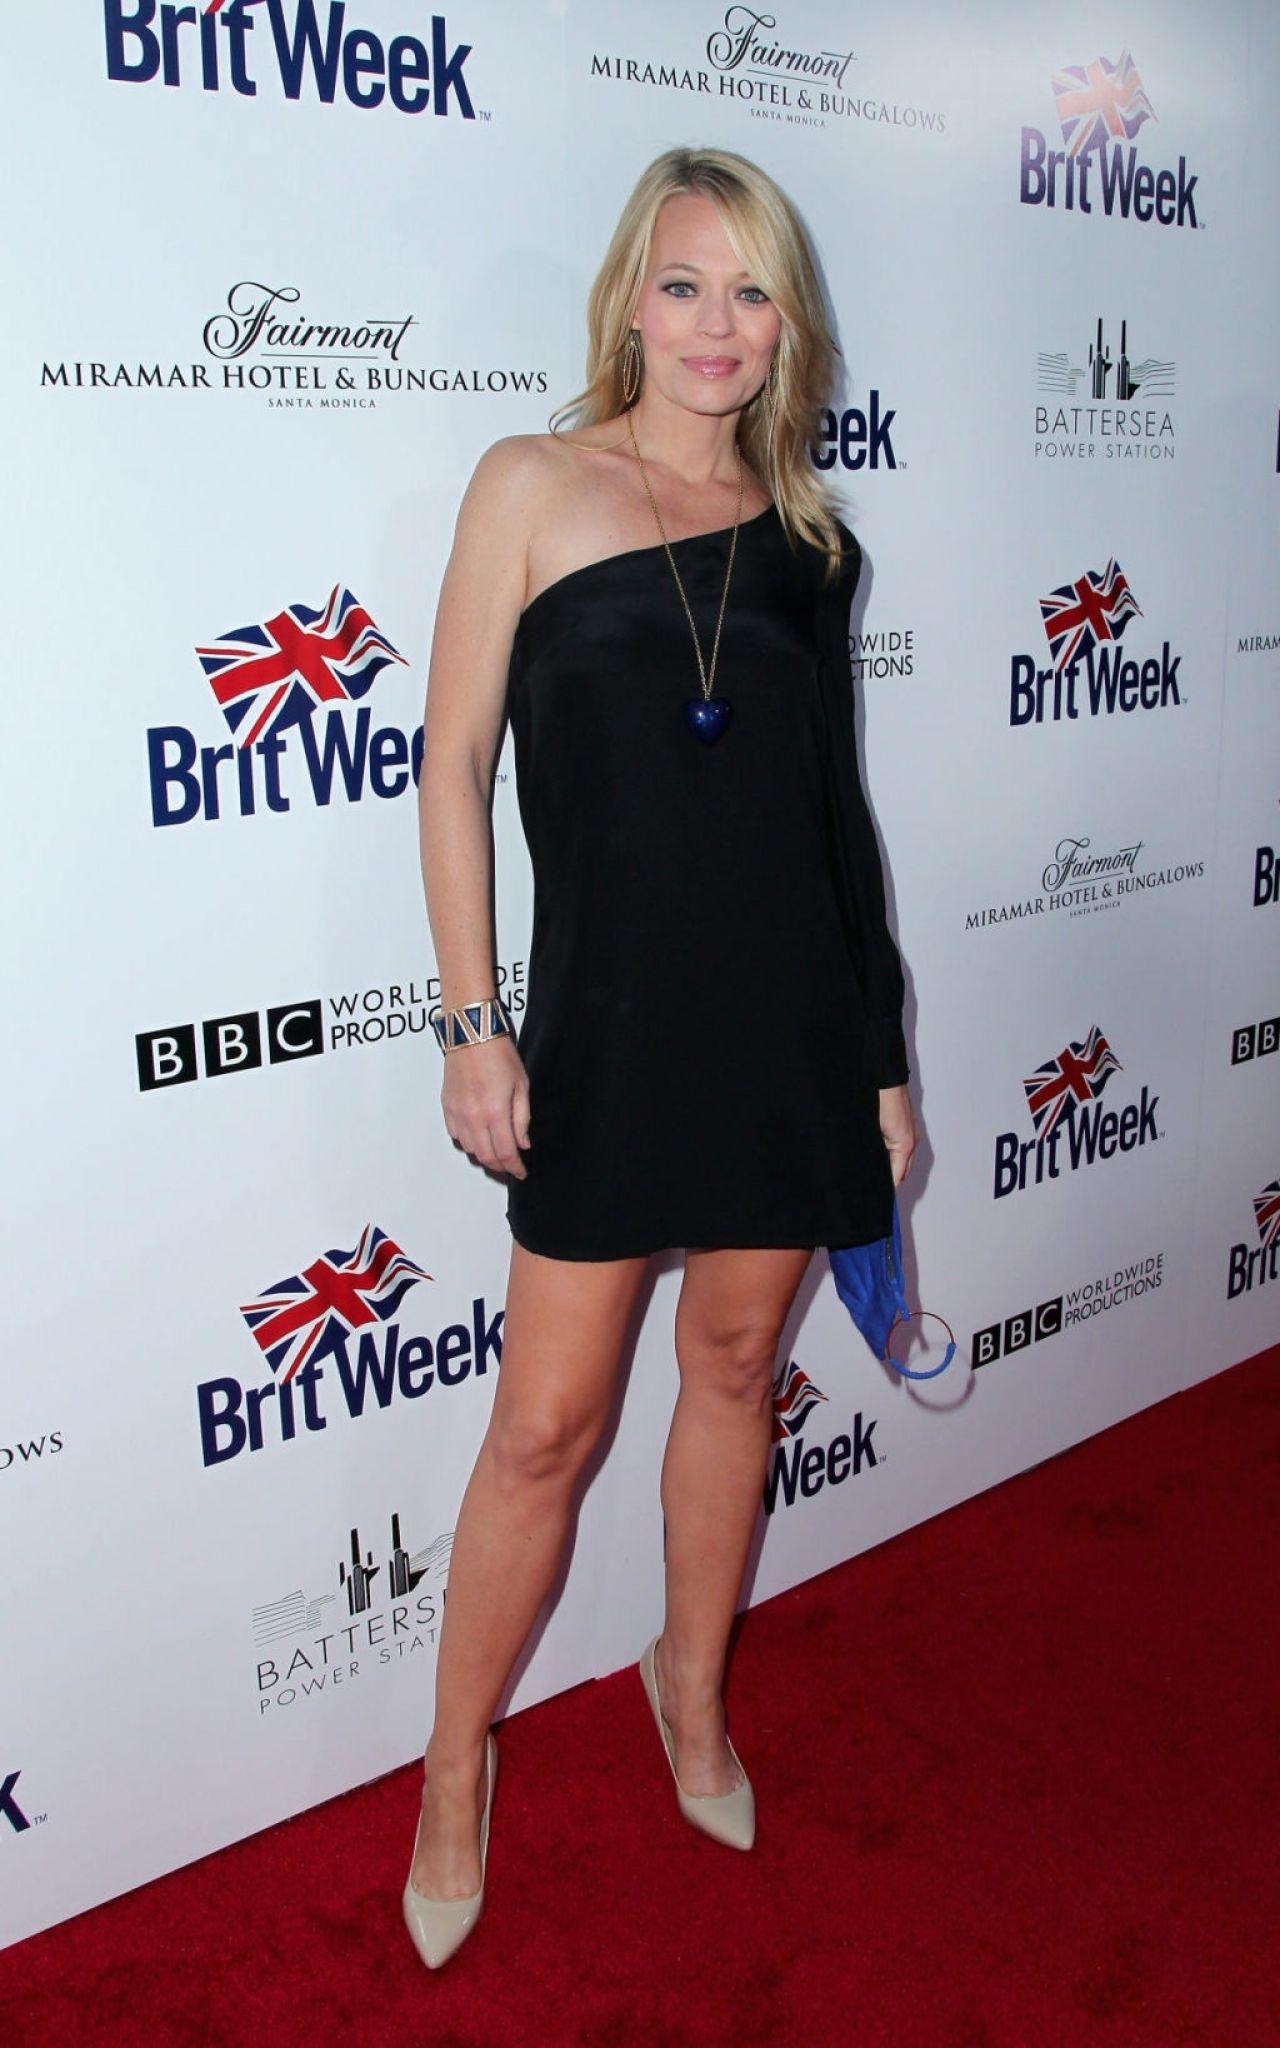 Jeri Ryan 2015 Britweek Red Carpet Launch In Los Angeles